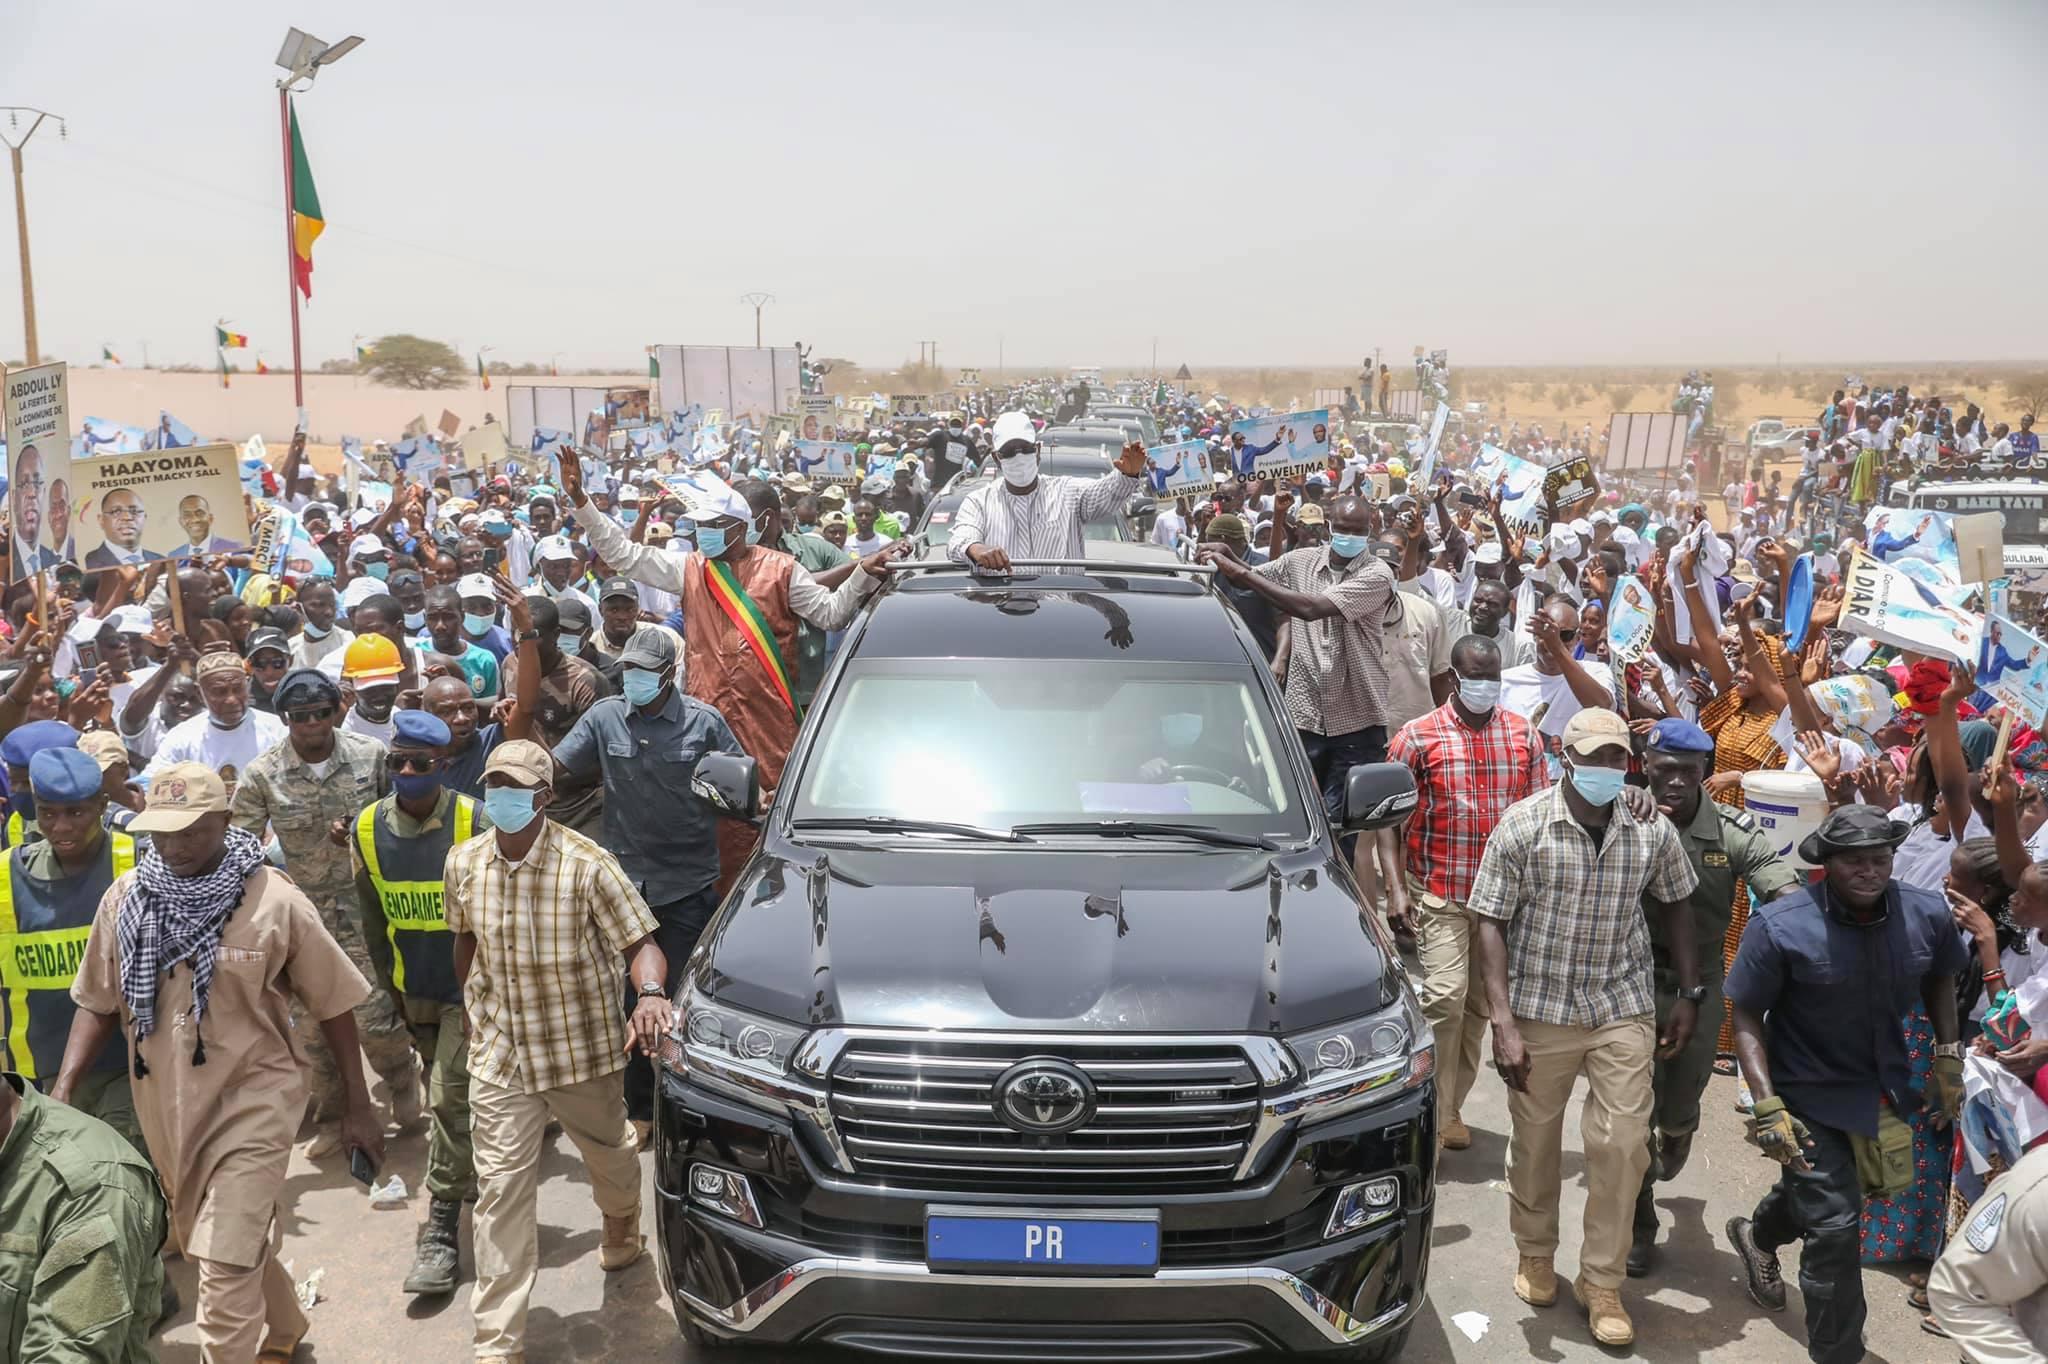 Arrêt sur image - Macky Sall invite le Dg de l'Artp, Abdoul Ly à le rejoindre sur son véhicule (4)